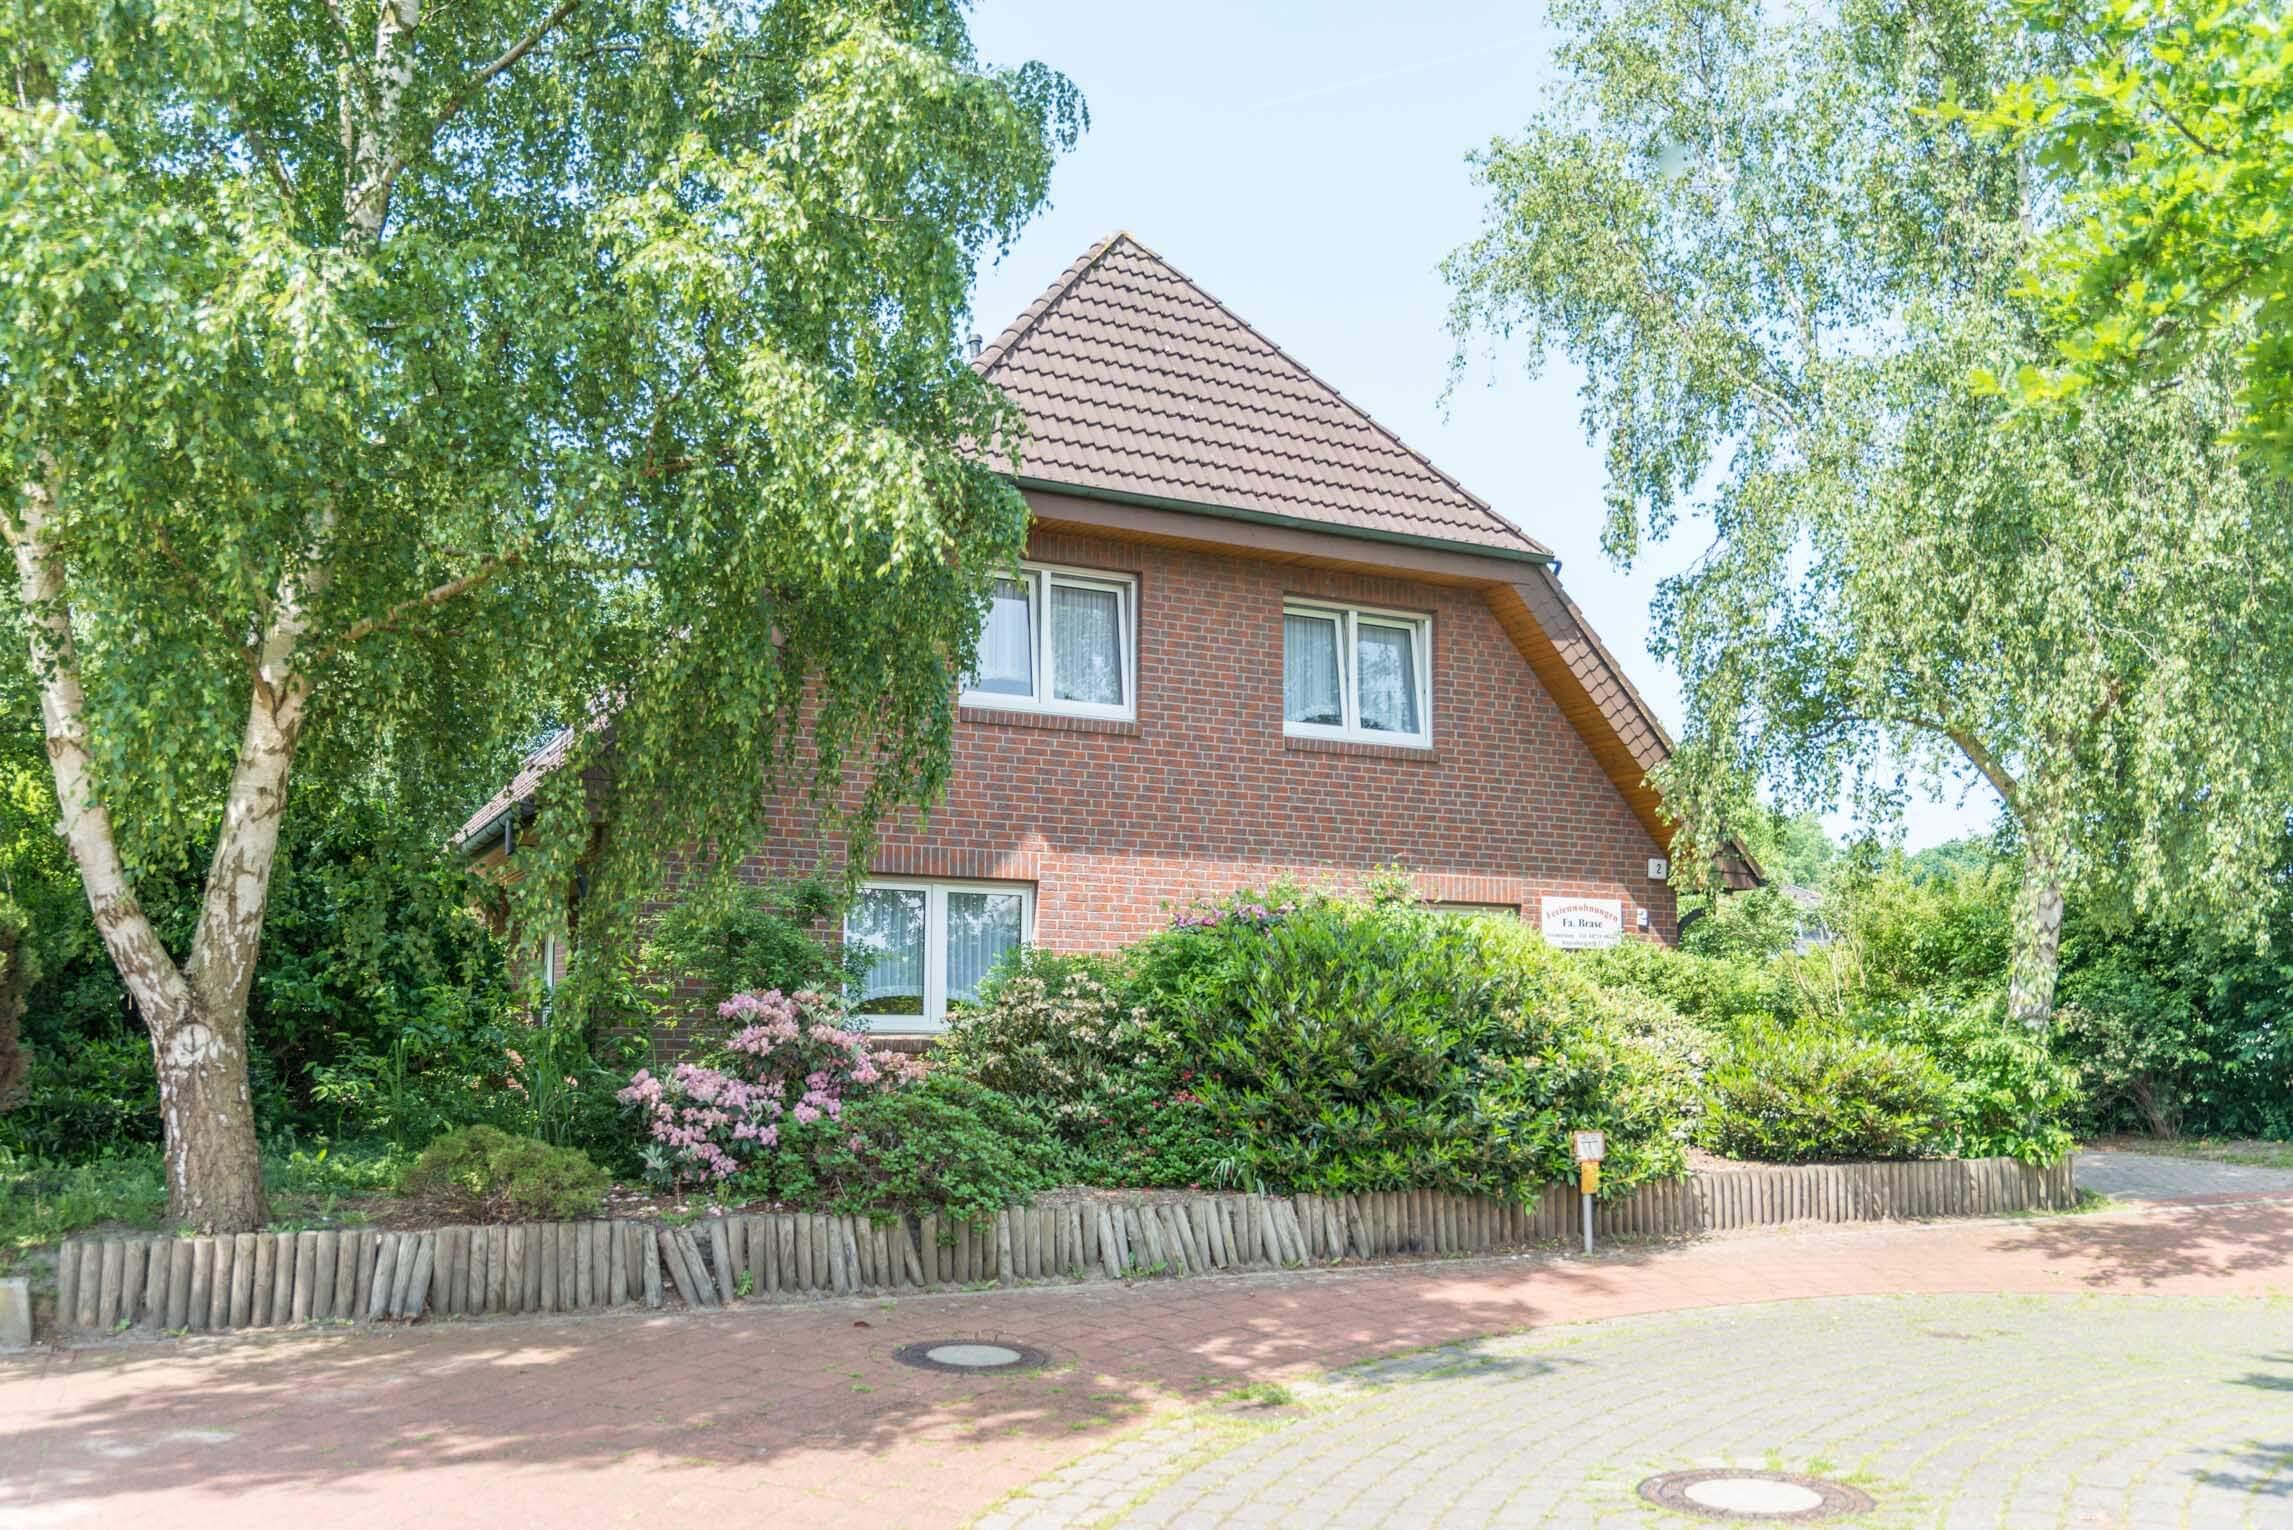 Ferienwohnung Braband Cuxhaven